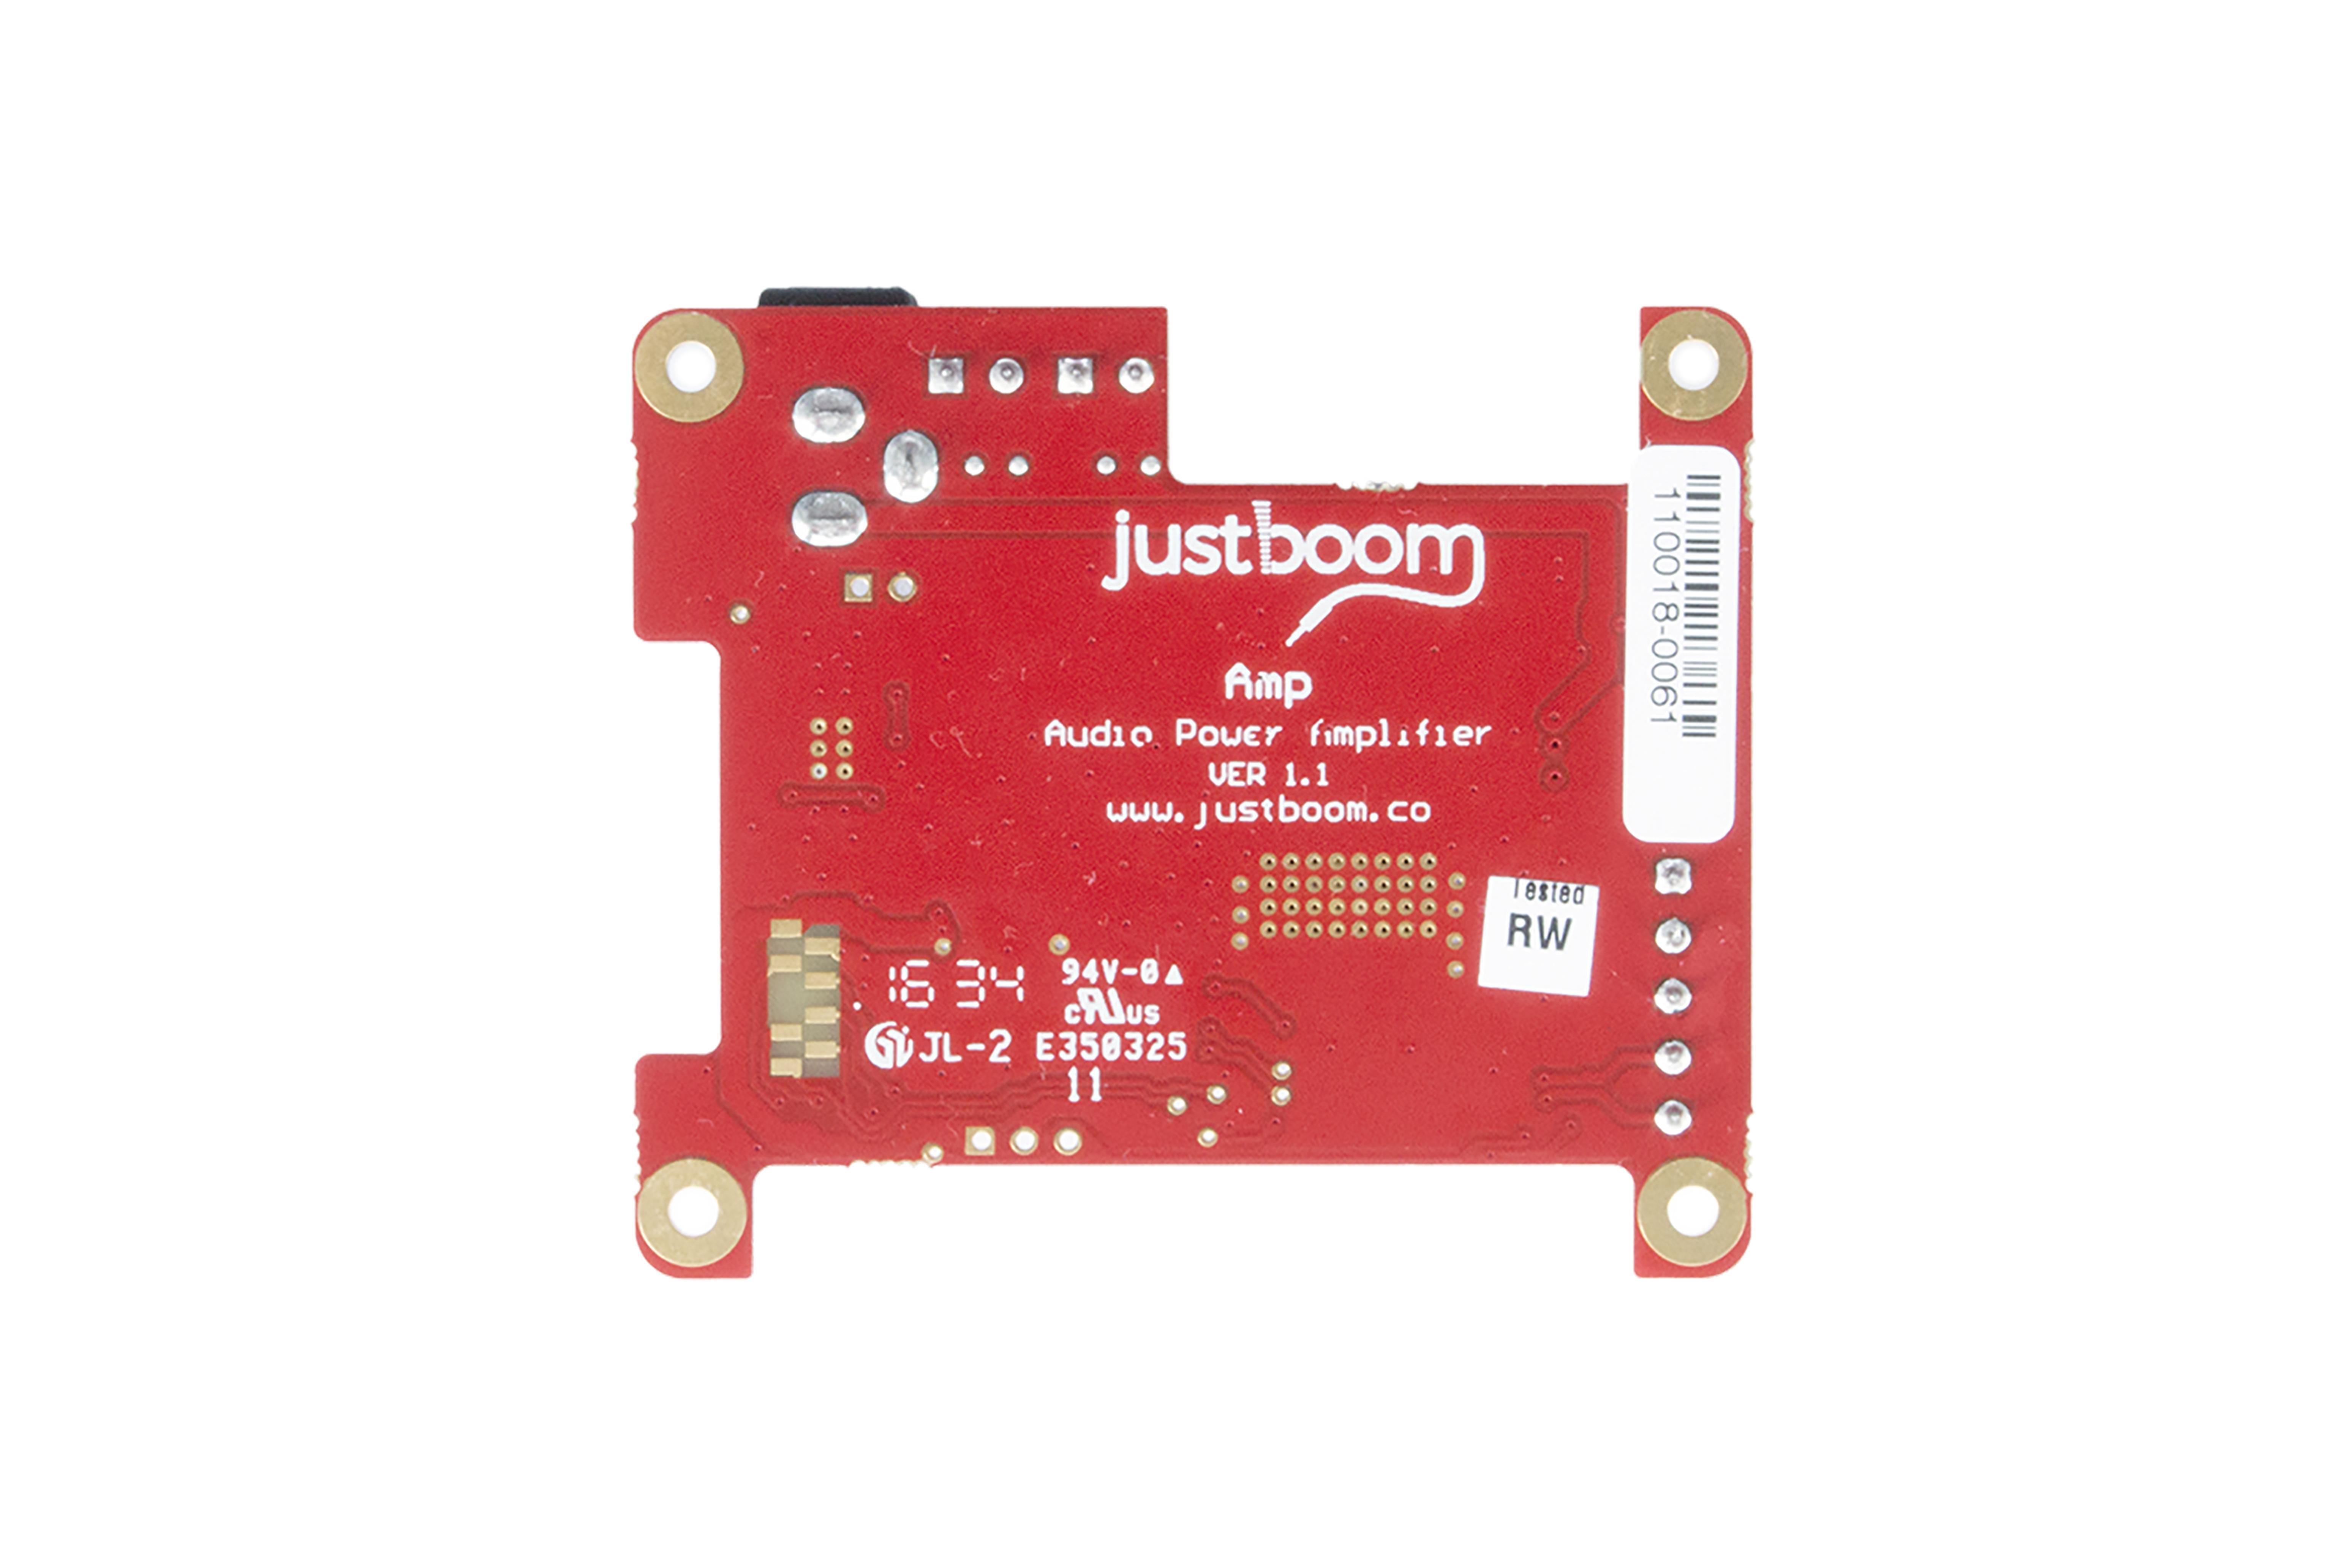 JustBoom Amp-uitbreidingskaart